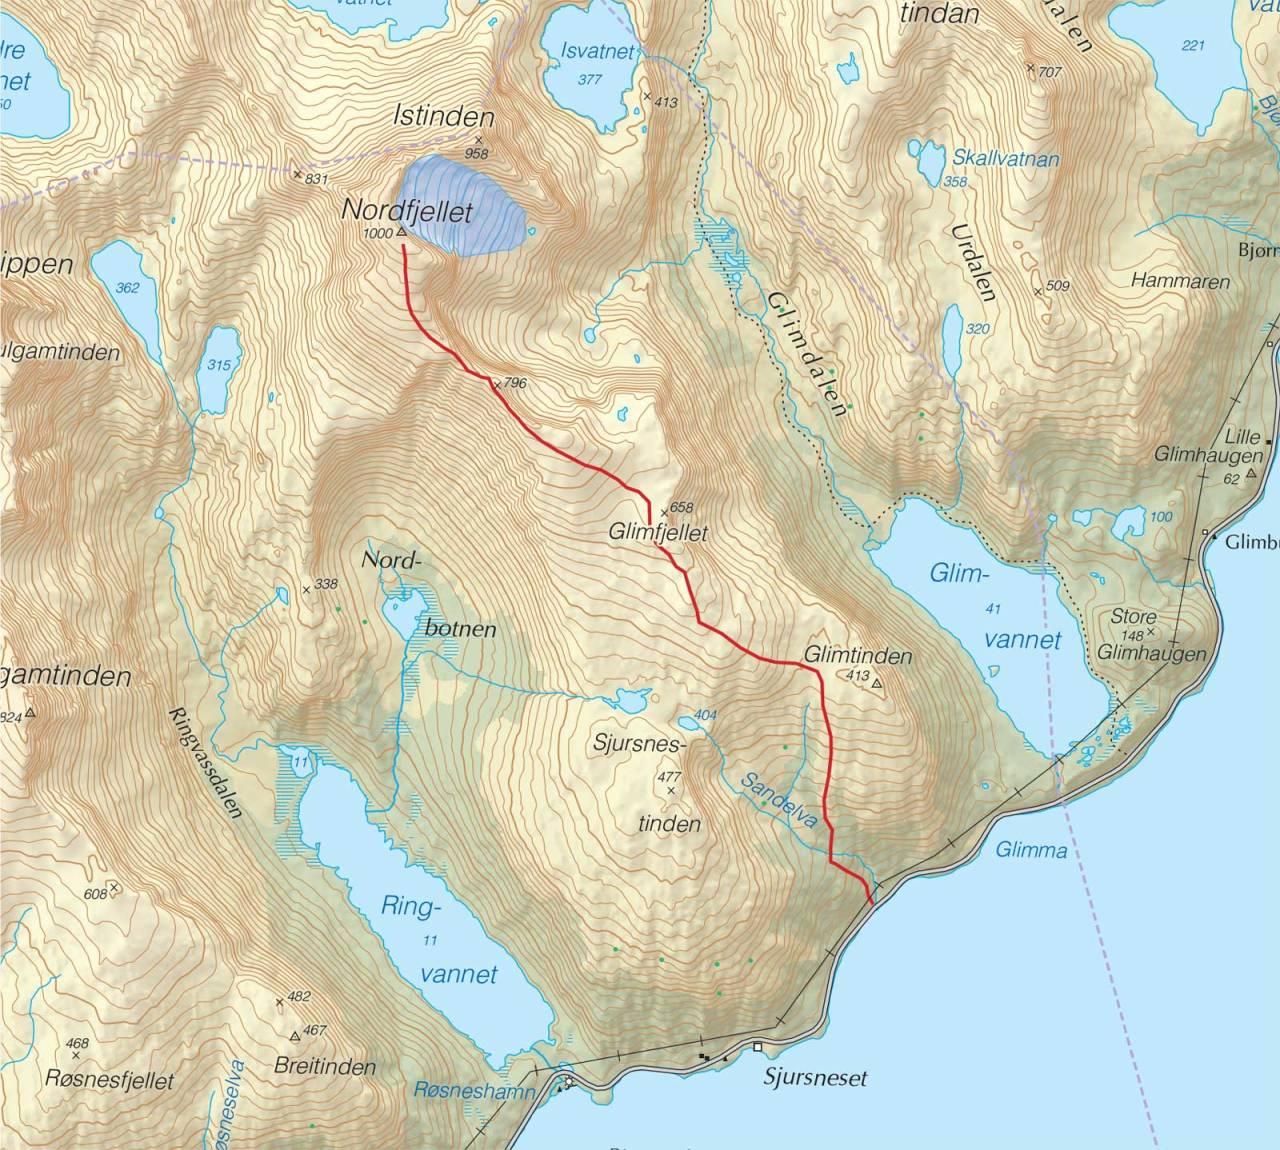 Kart over Nordfjellet med inntegnet rute. Fra Trygge toppturer.